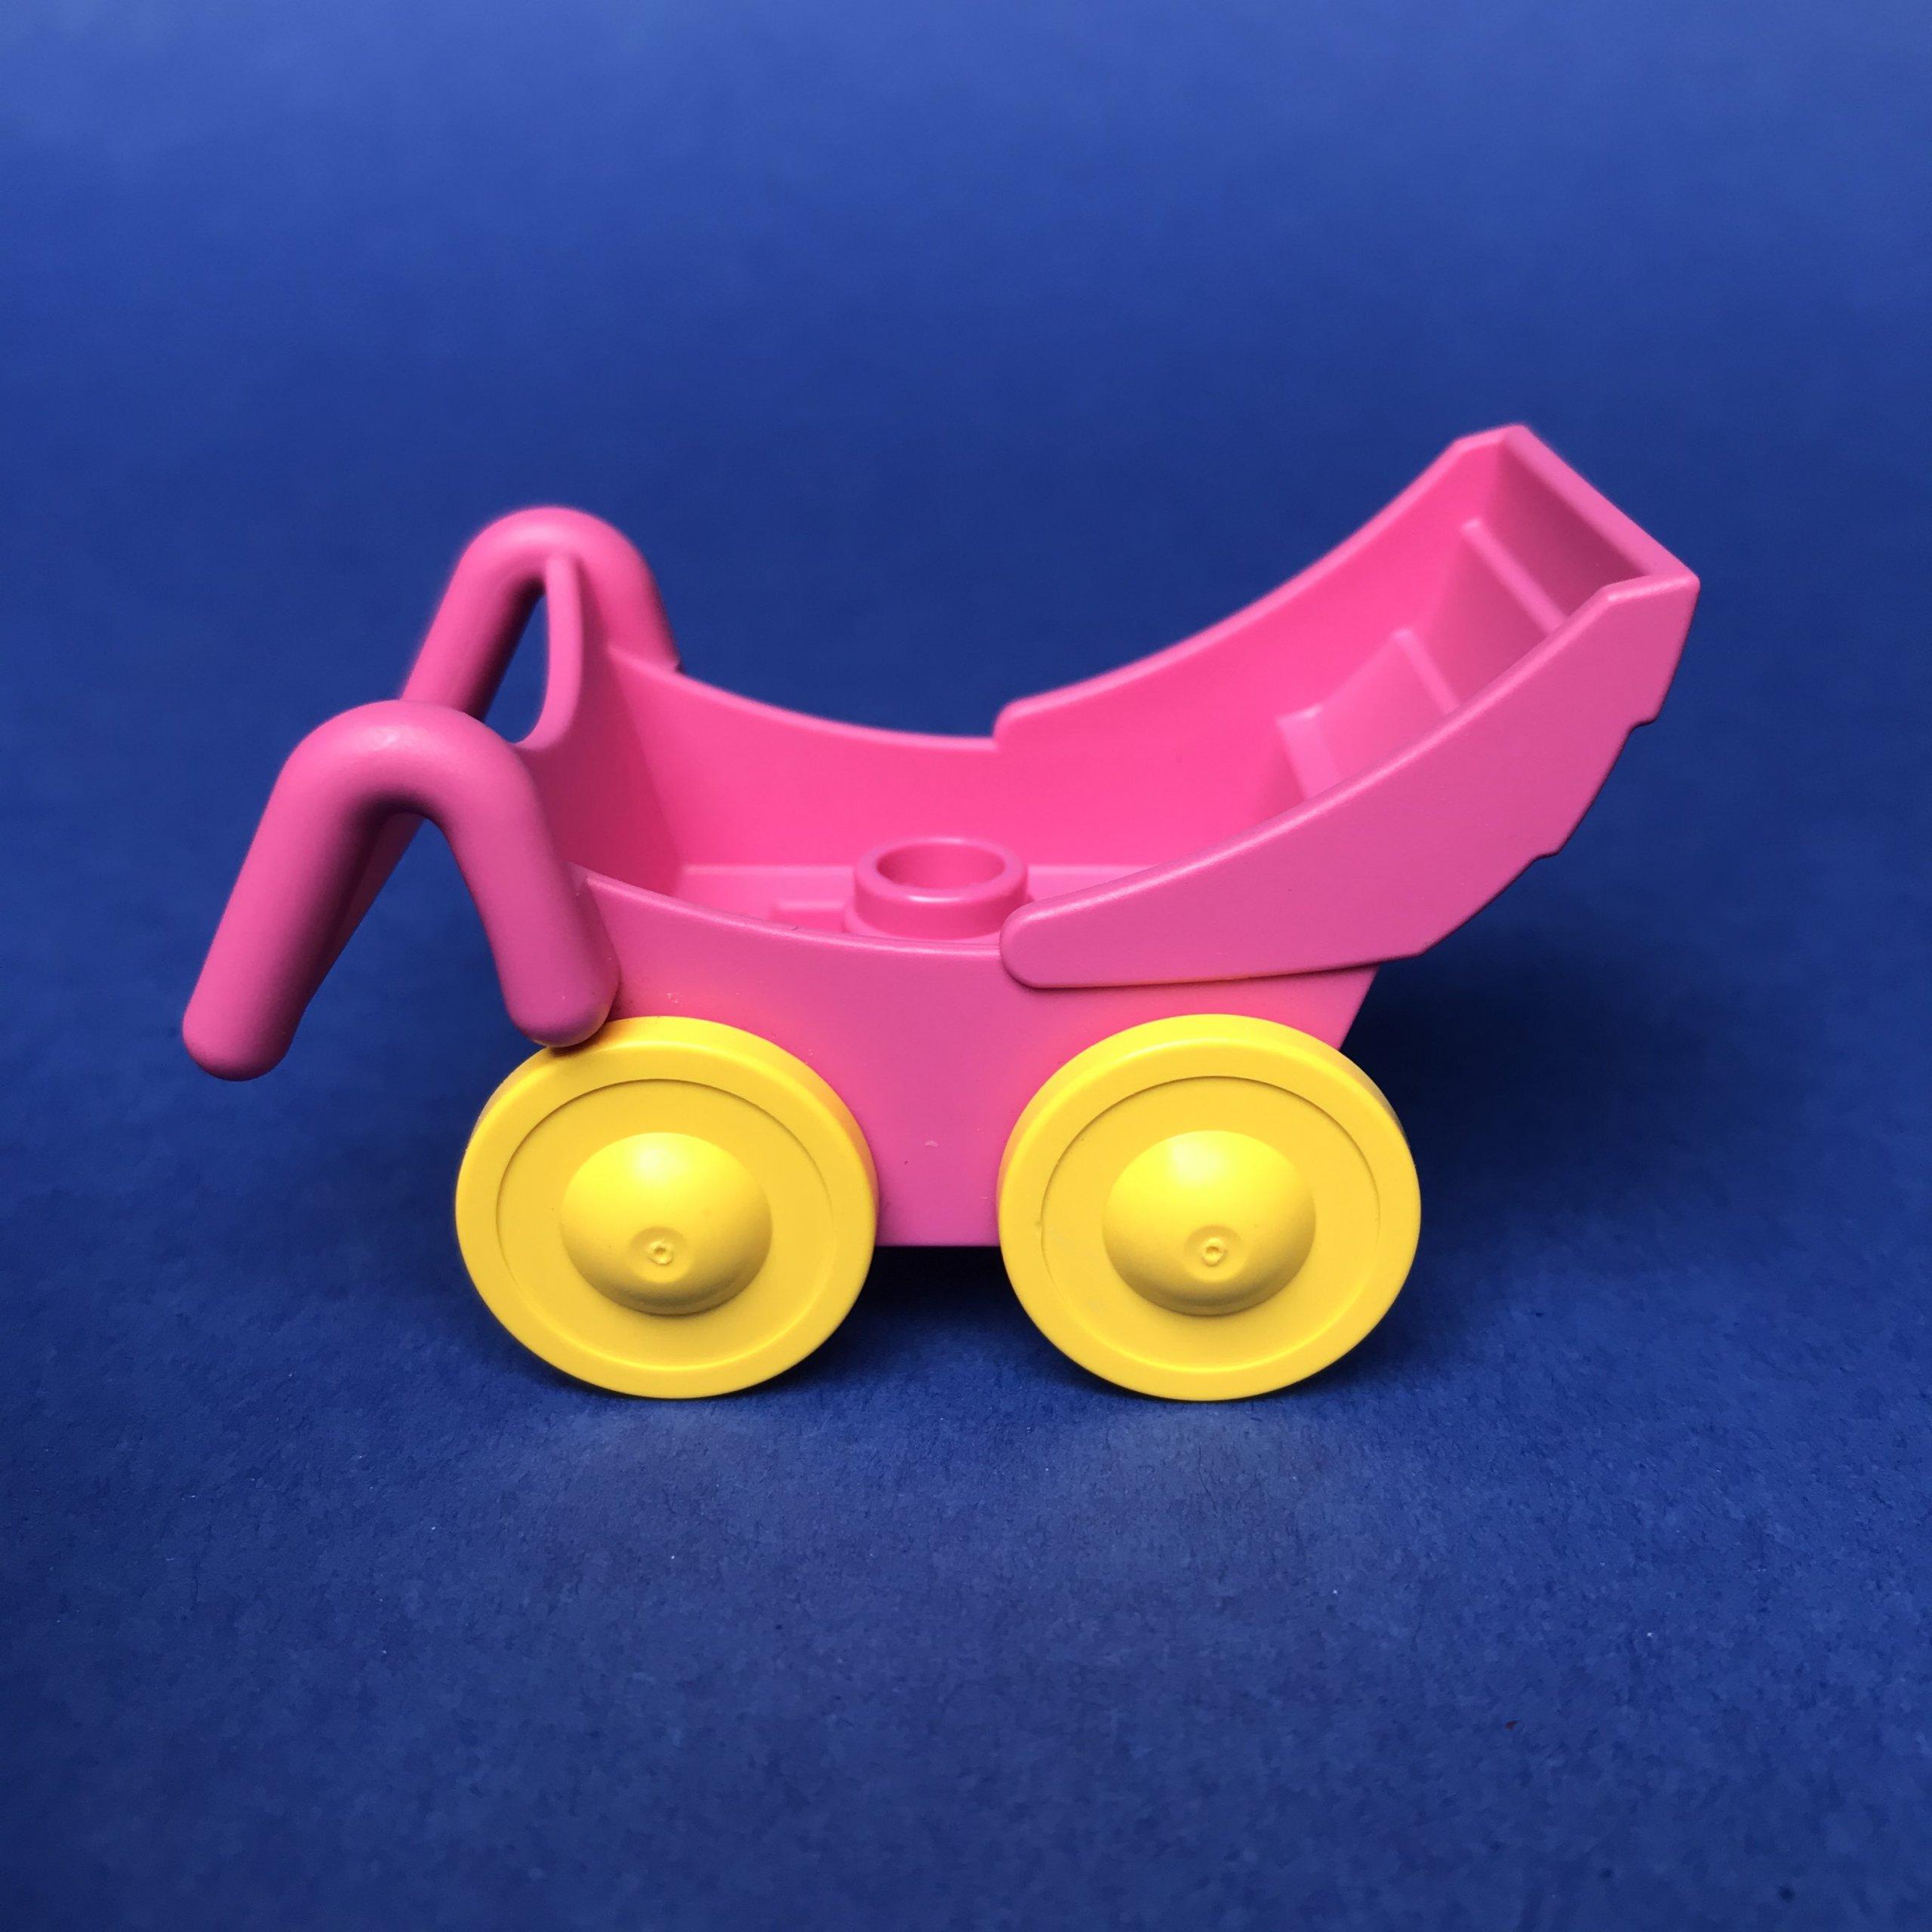 Duplo-kinderwagen